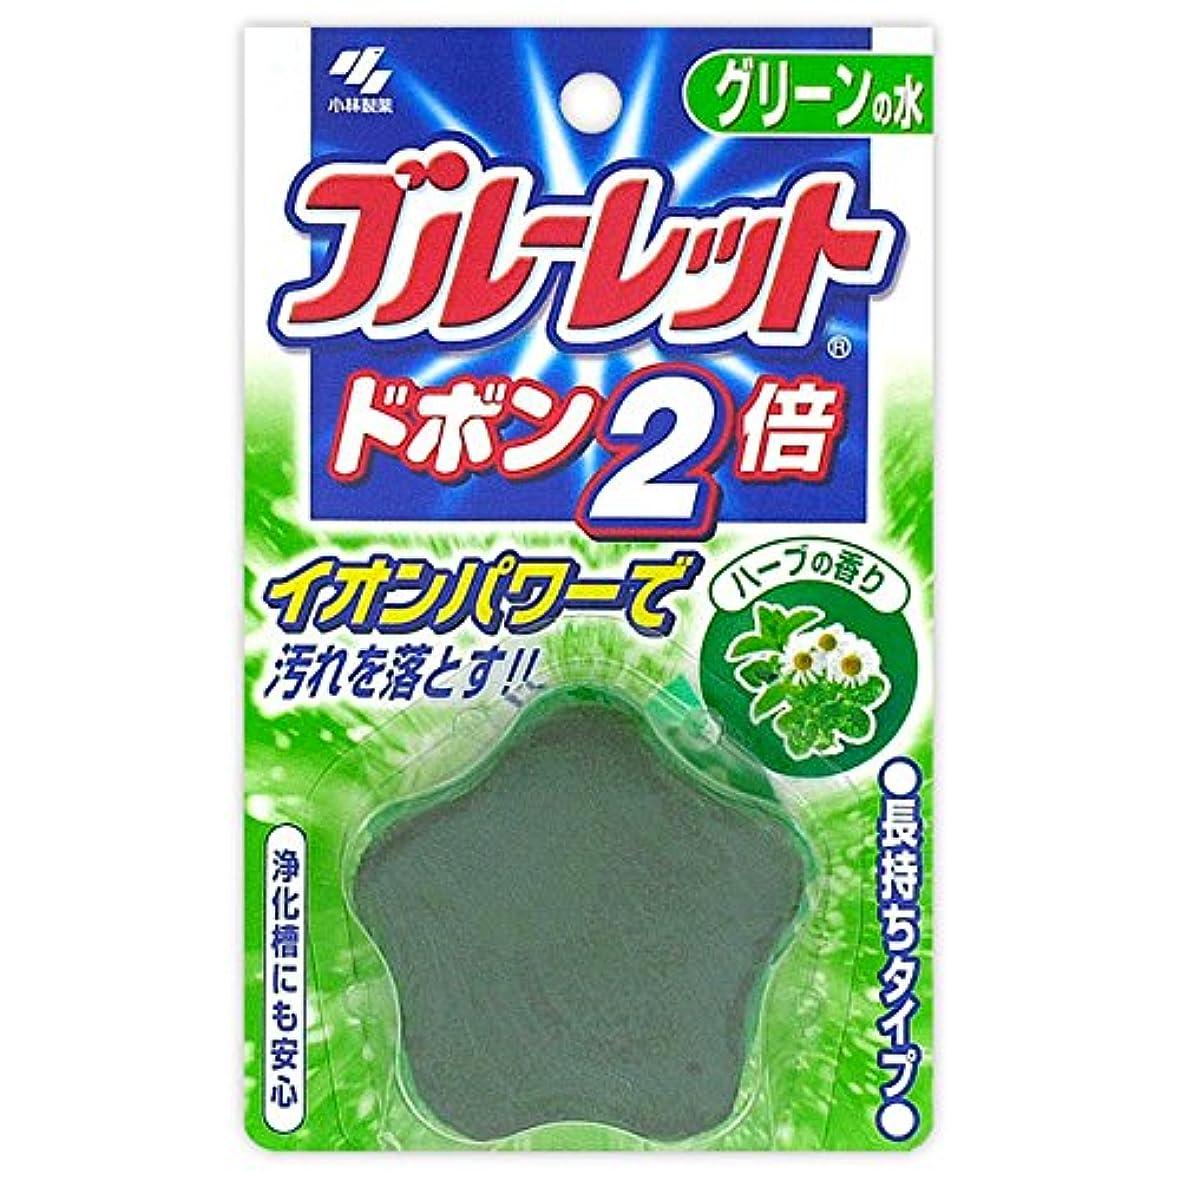 意味のある細胞シットコムブルーレット ドボン 2倍 ハーブの香り 120g